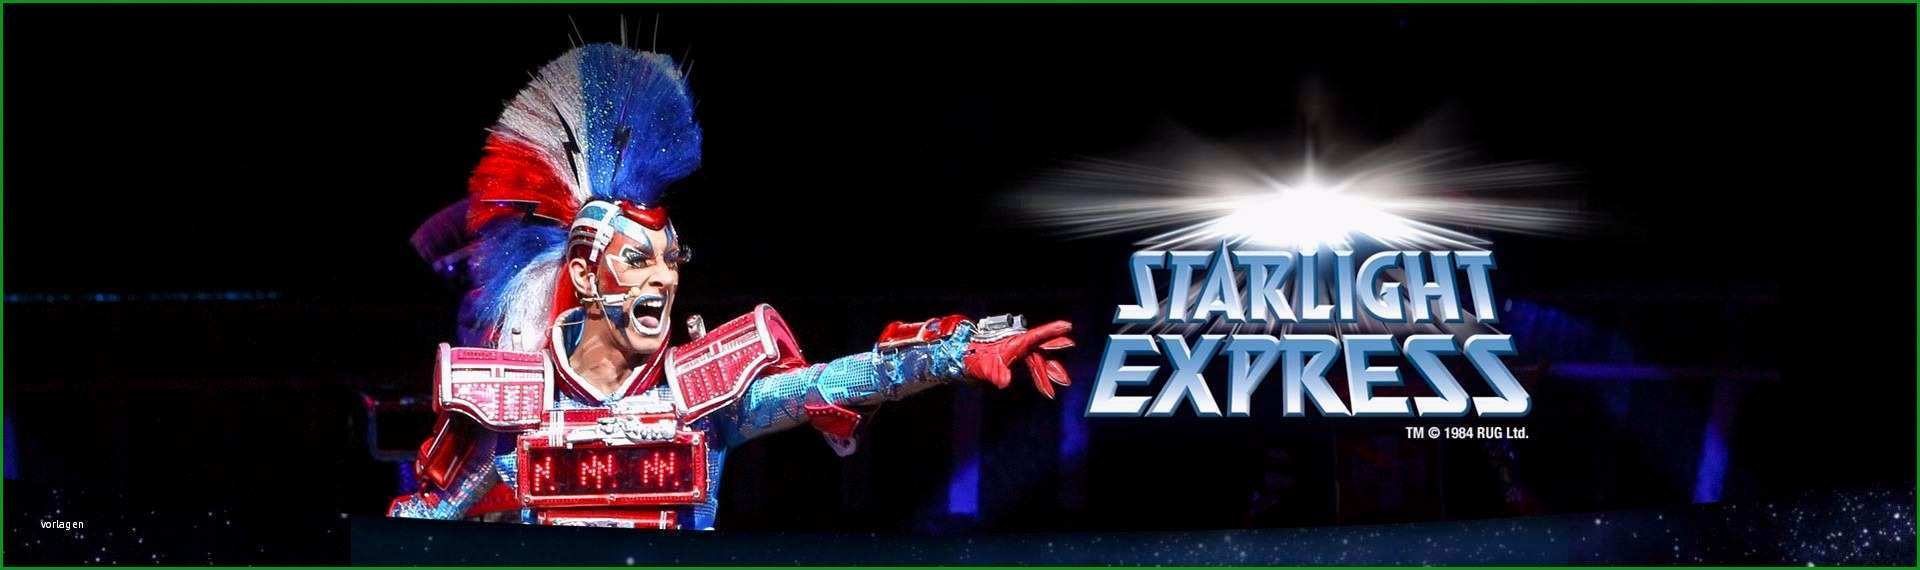 musical gutschein vorlage der beste starlight express